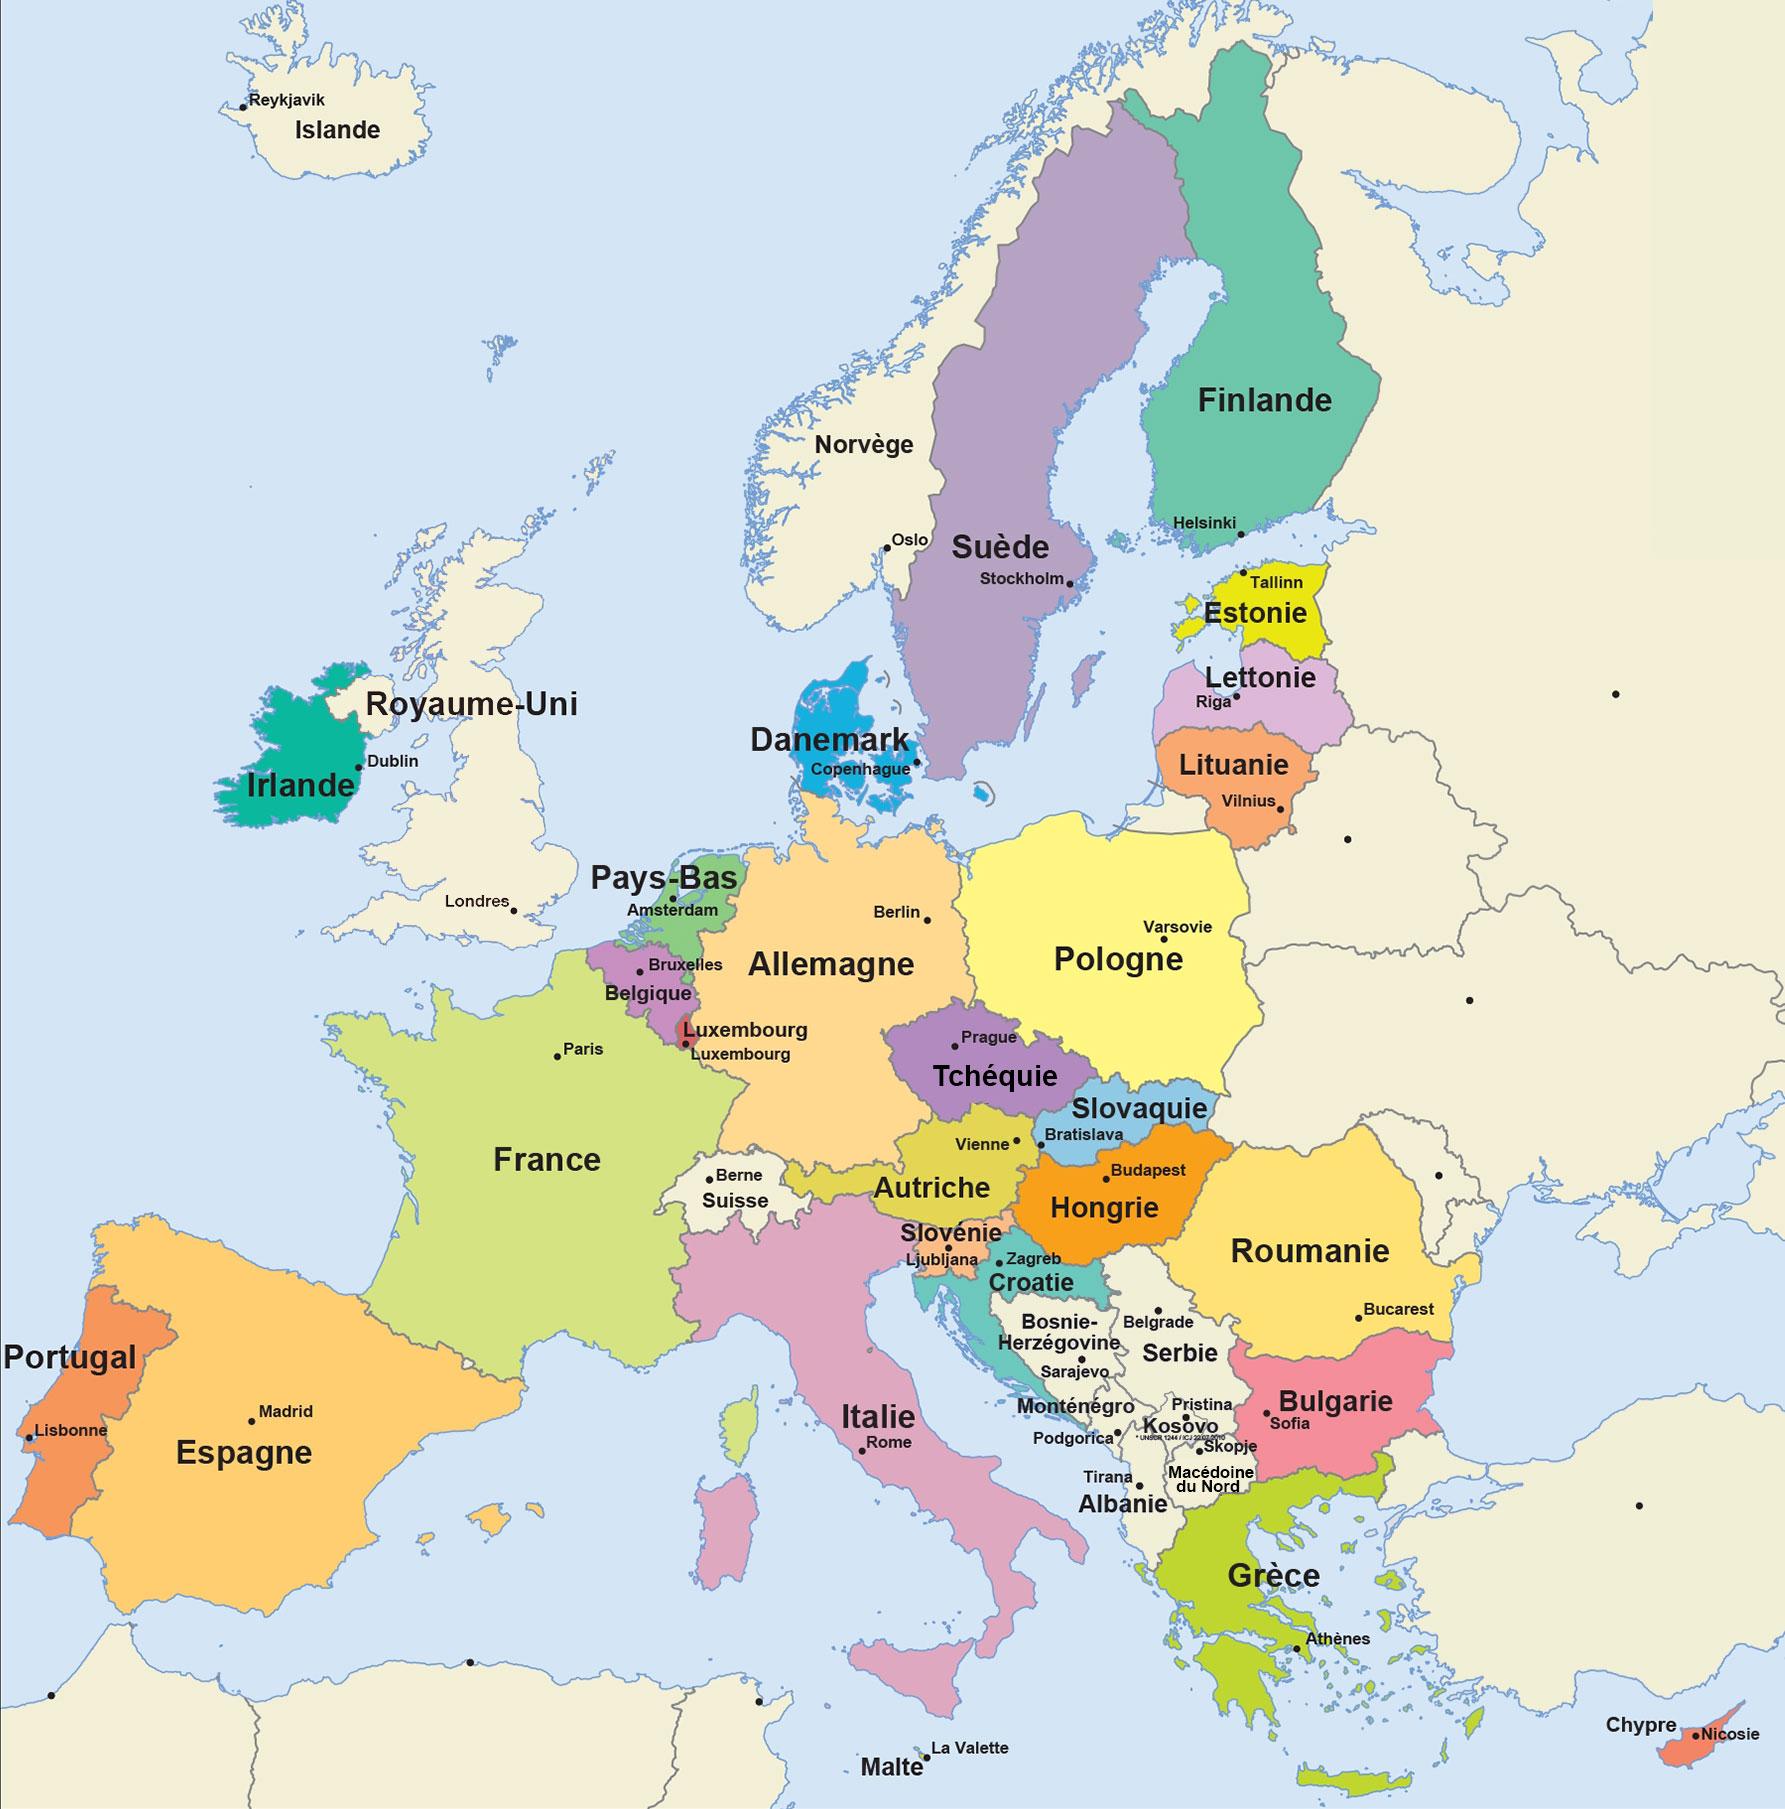 Facile À Lire - L'union Européenne | Union Européenne à Carte Des Pays D Europe